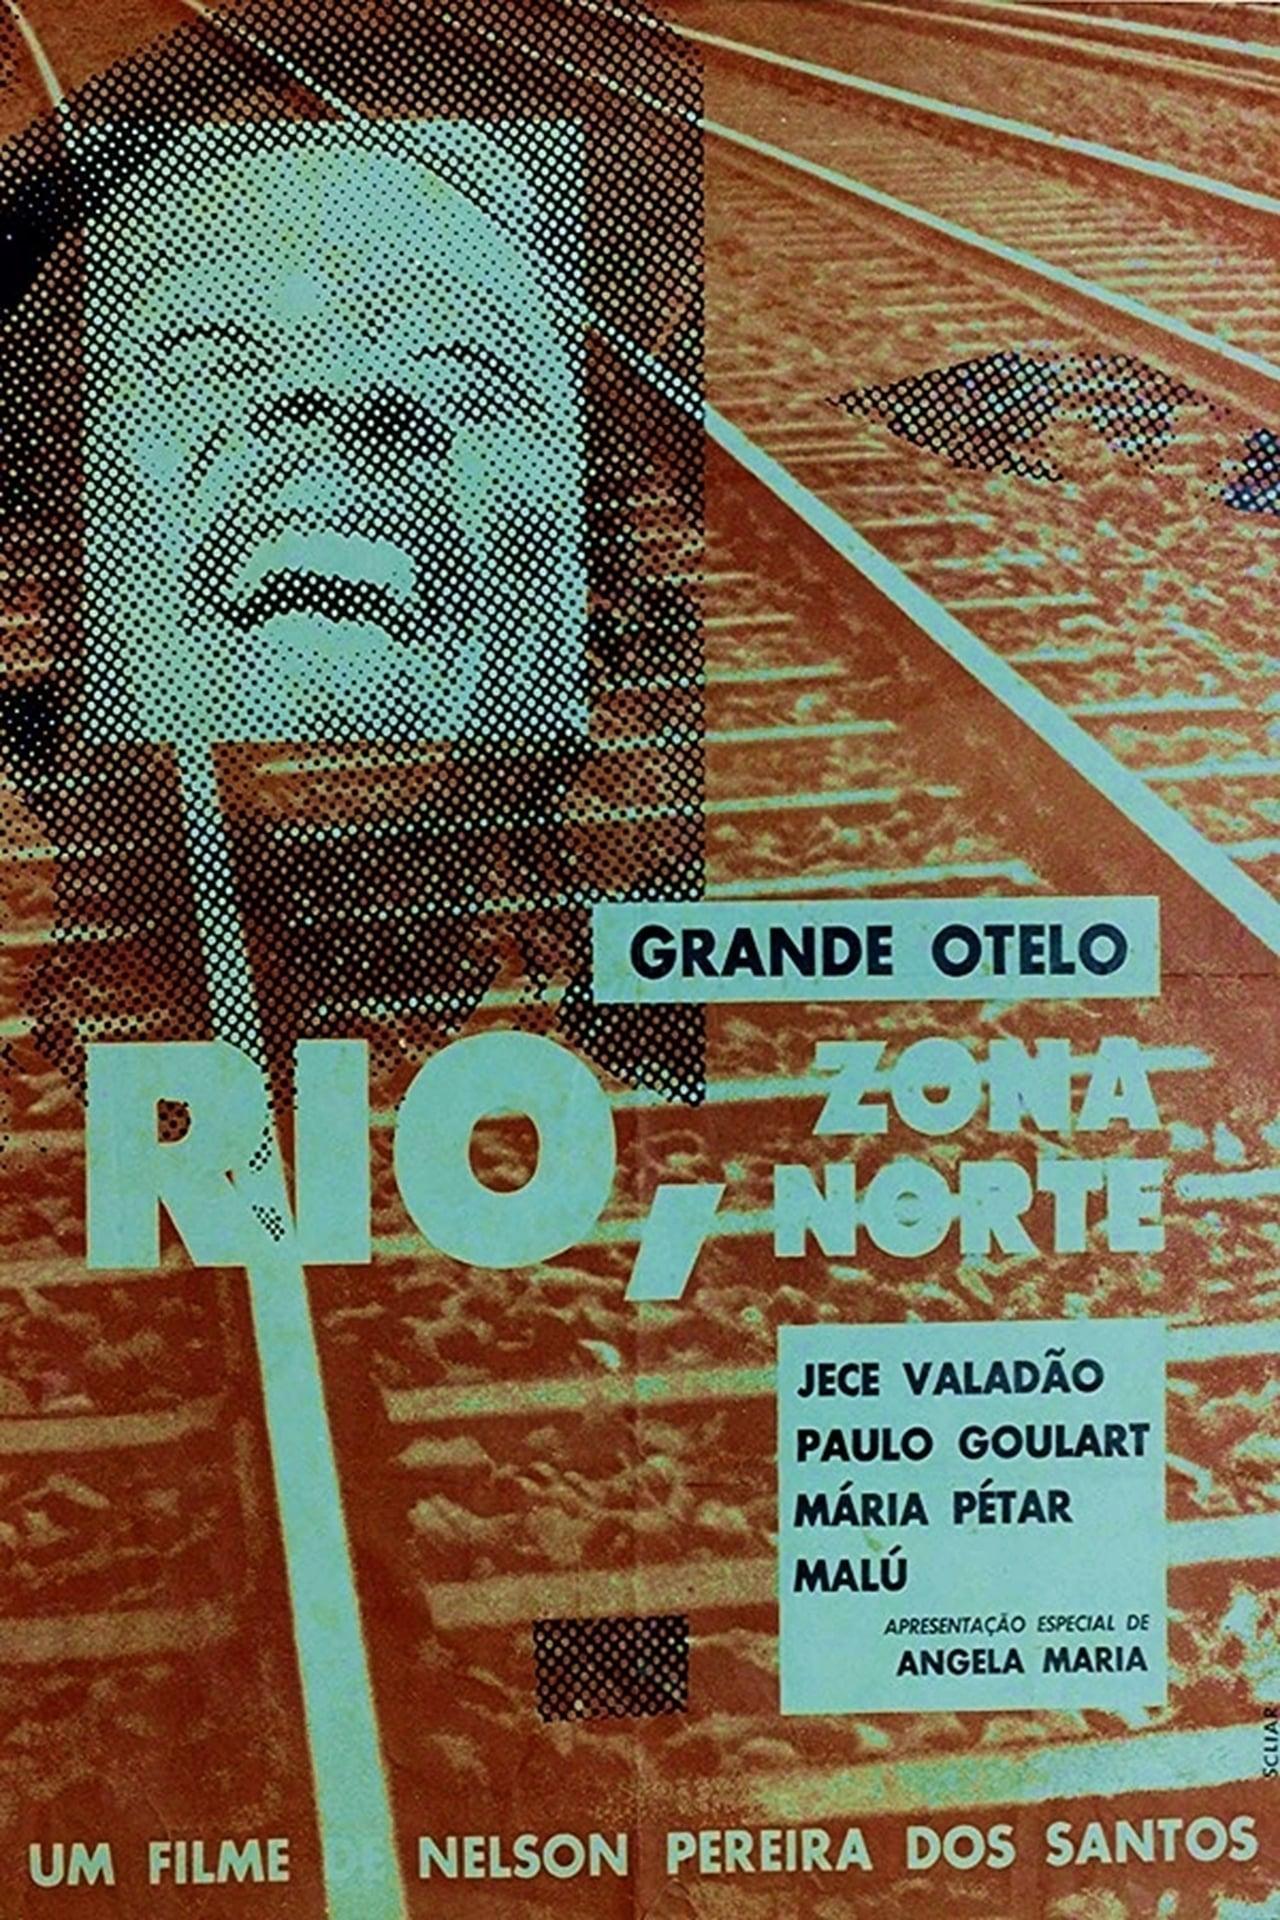 Rio, Zona Norte